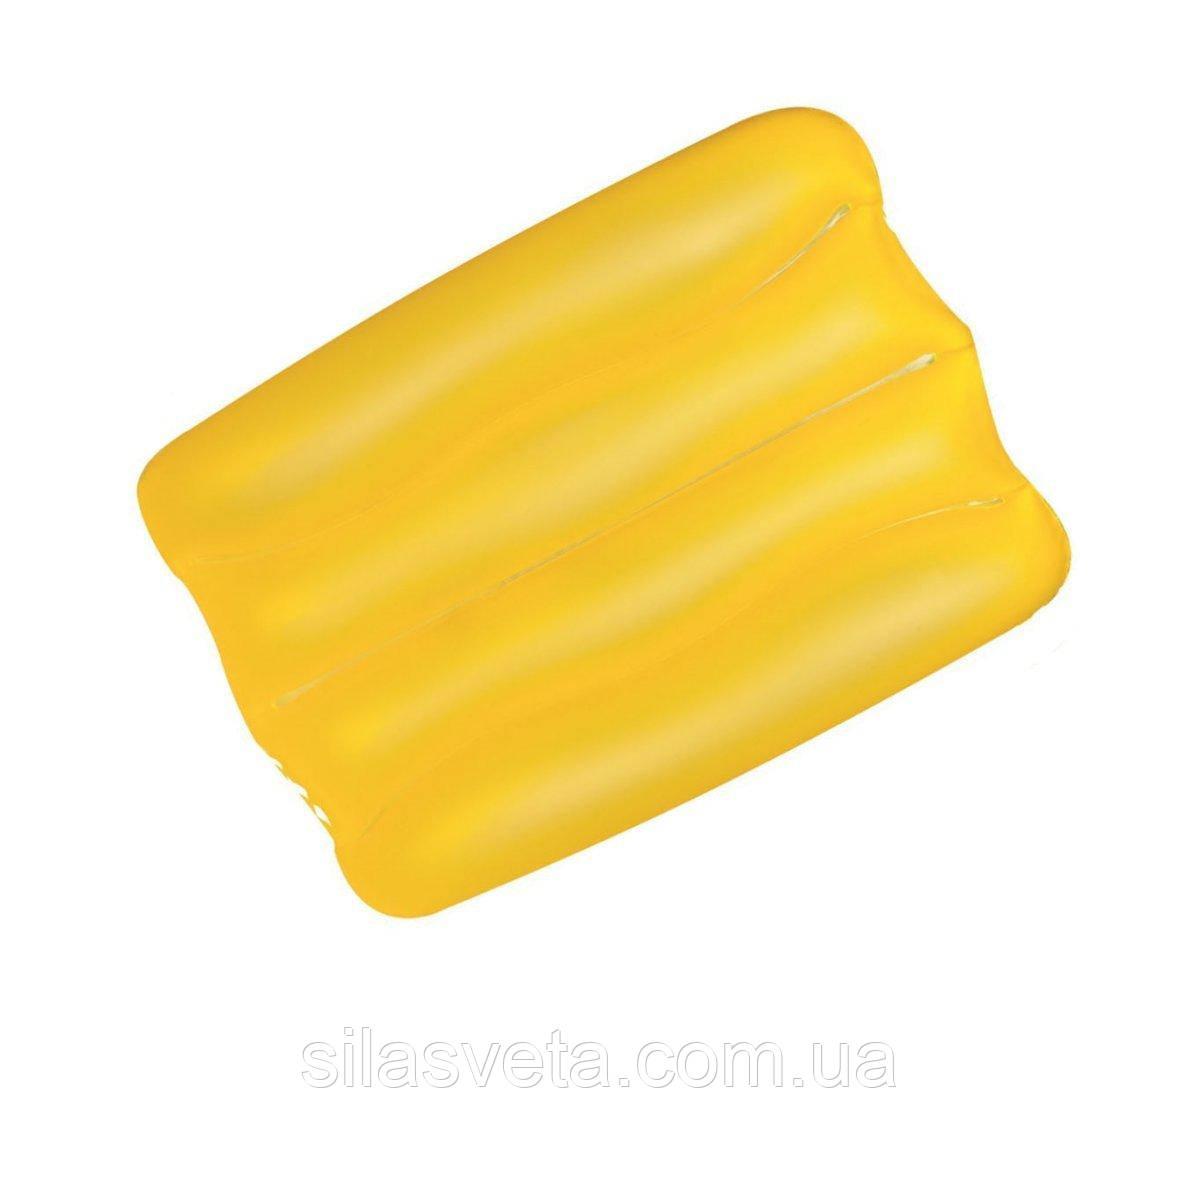 Надувная виниловая подушка, Bestway 52127 детская серия Up In&Over (38х25х5 см.)